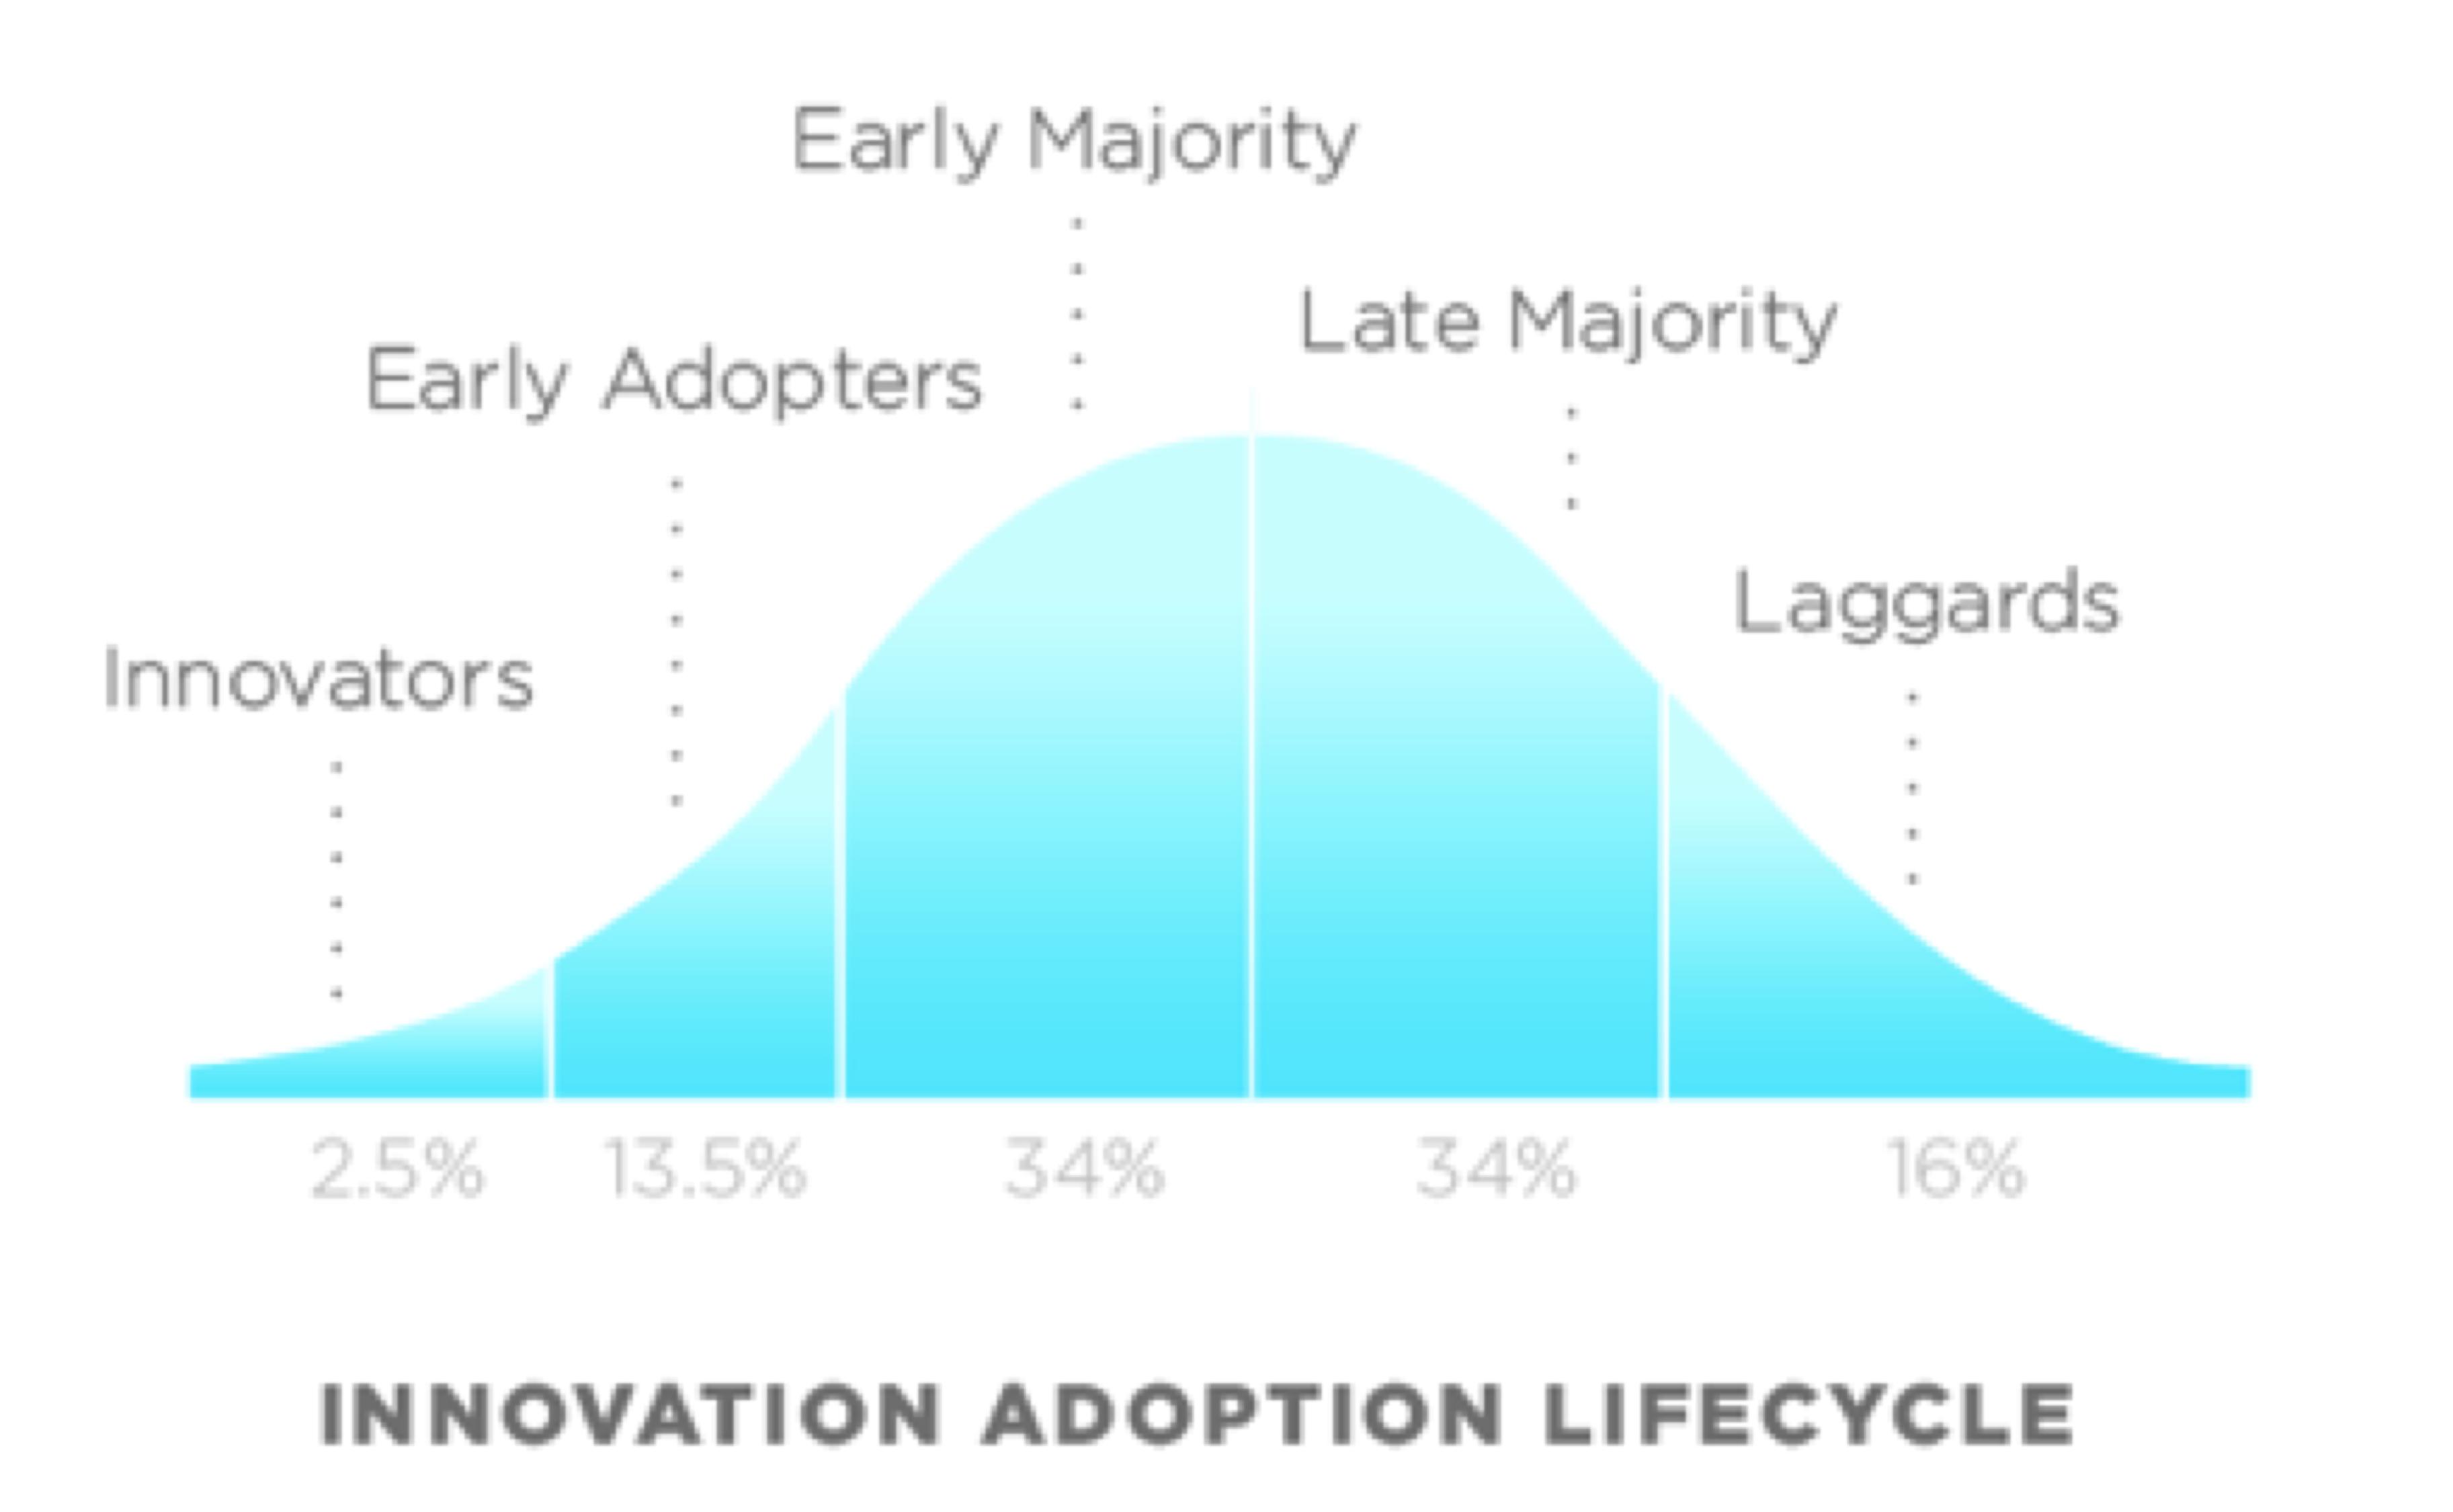 چطور در گرفتن سهم بازار استارتاپ موفقتر باشیم